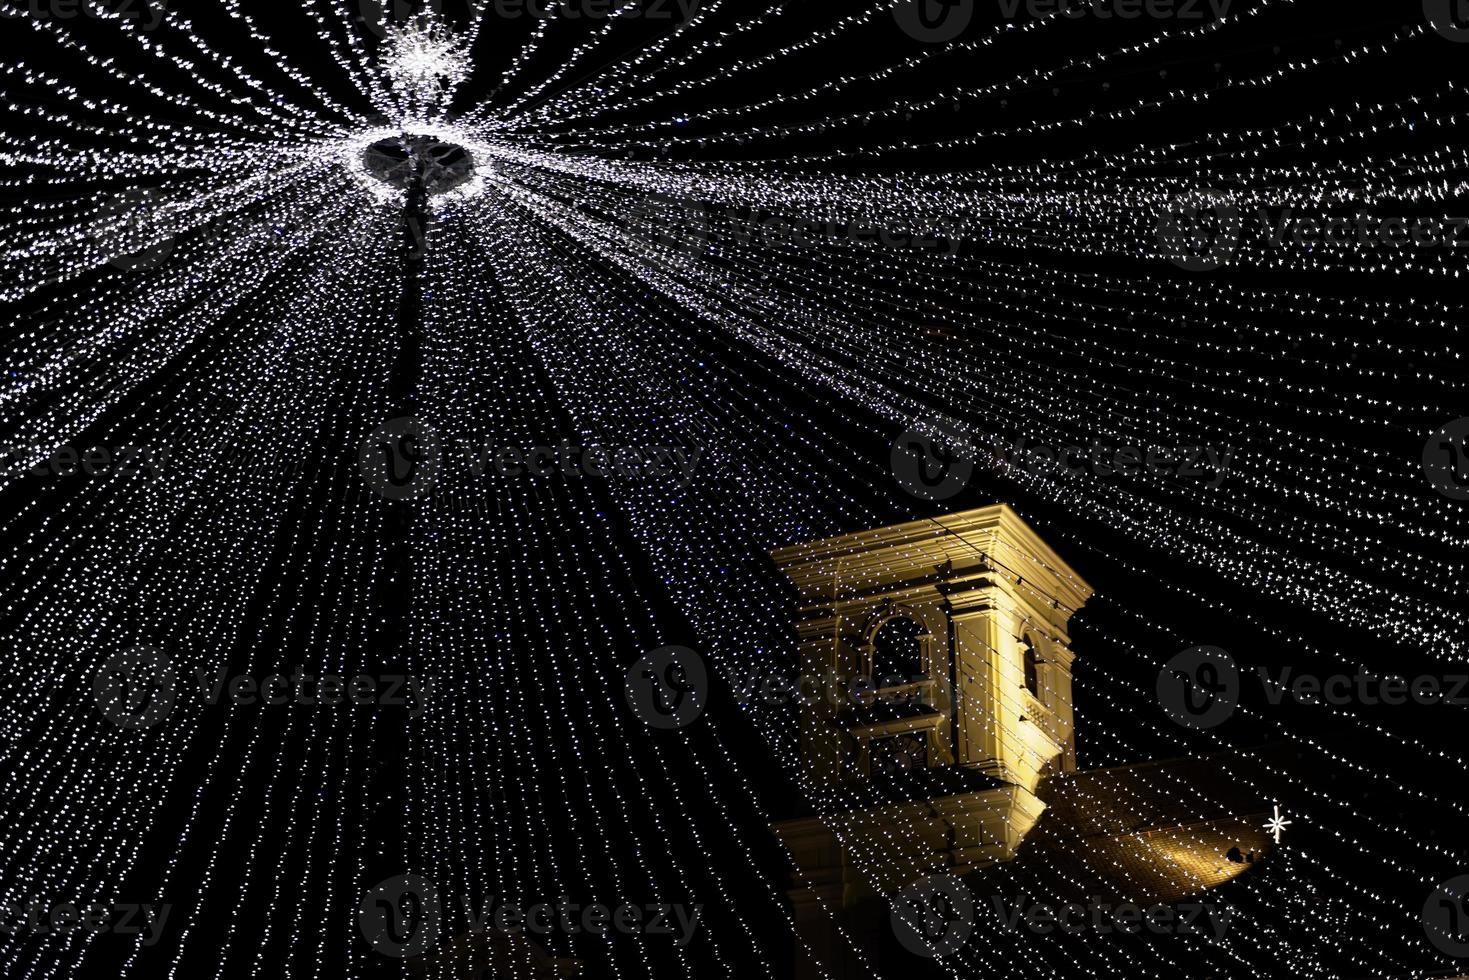 luci di natale e torre storica foto